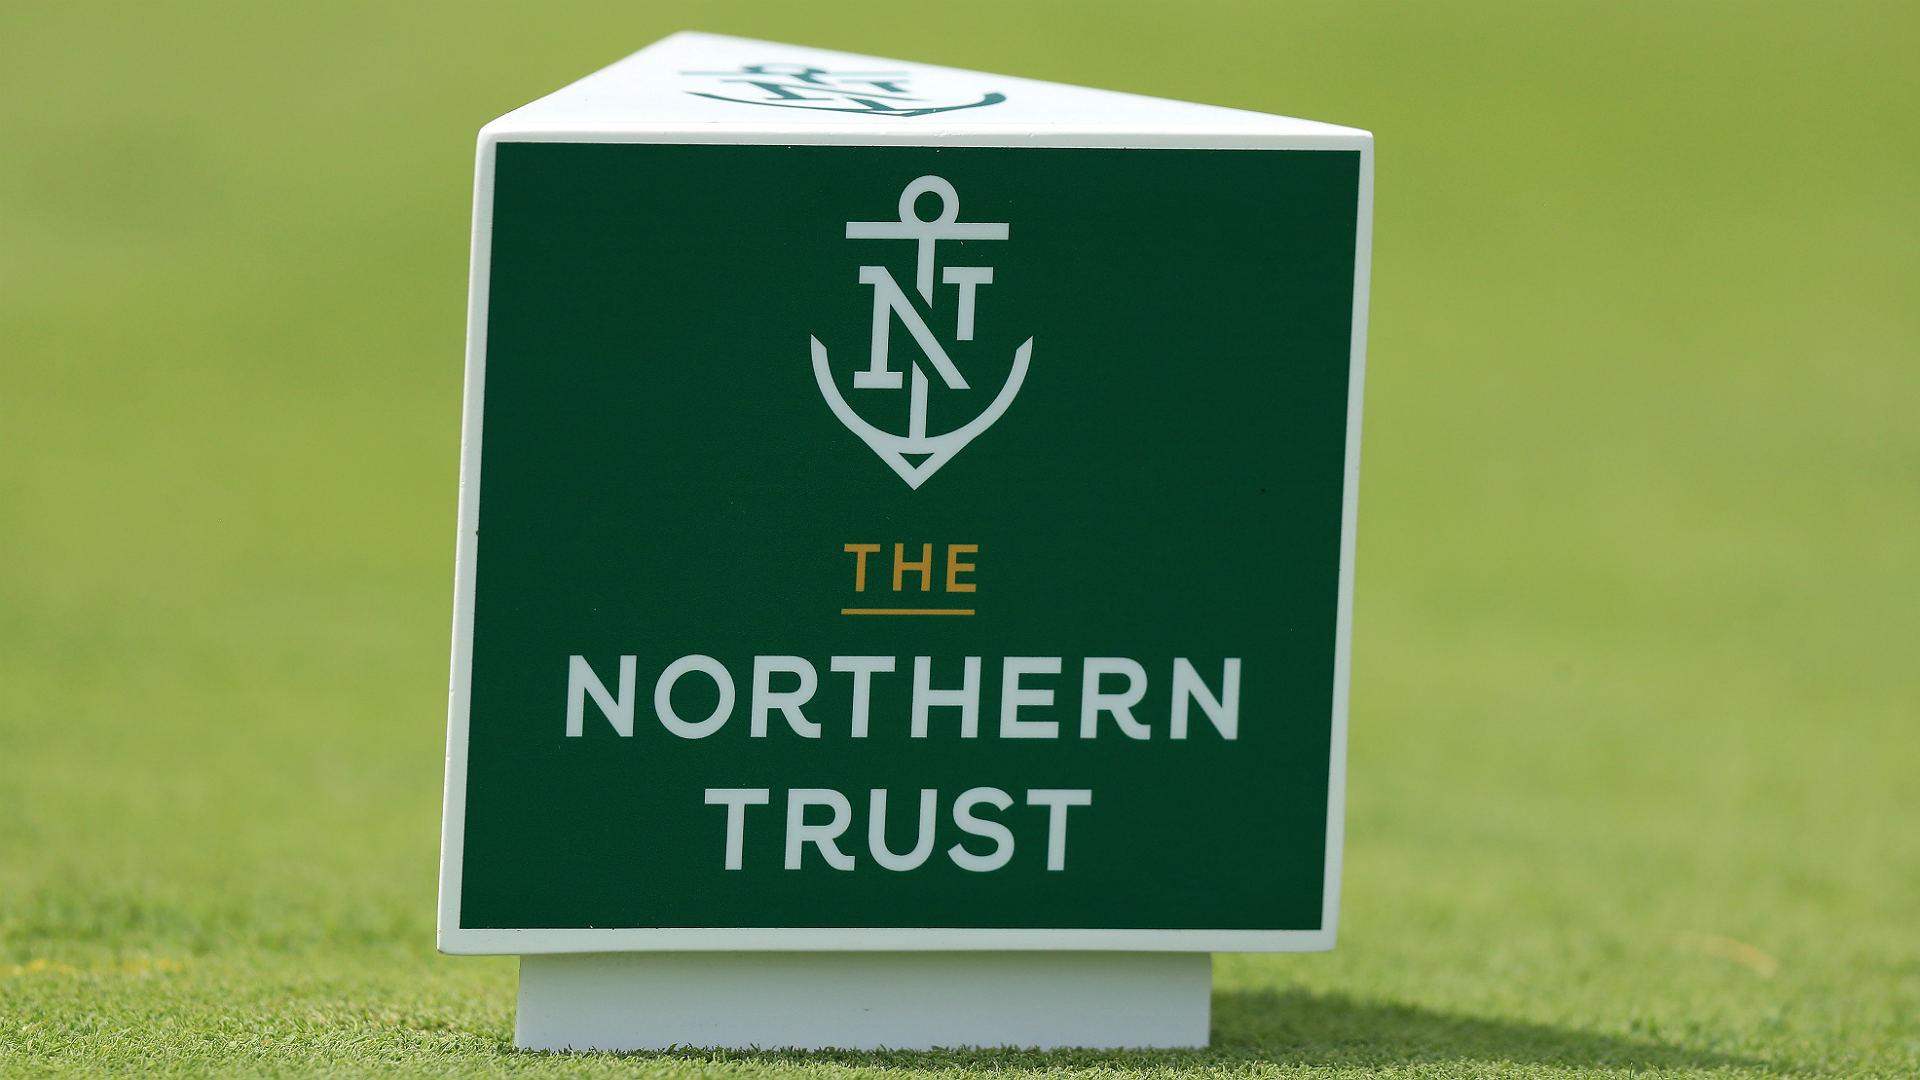 Northern-Trust-FTR-0823-GI.jpg